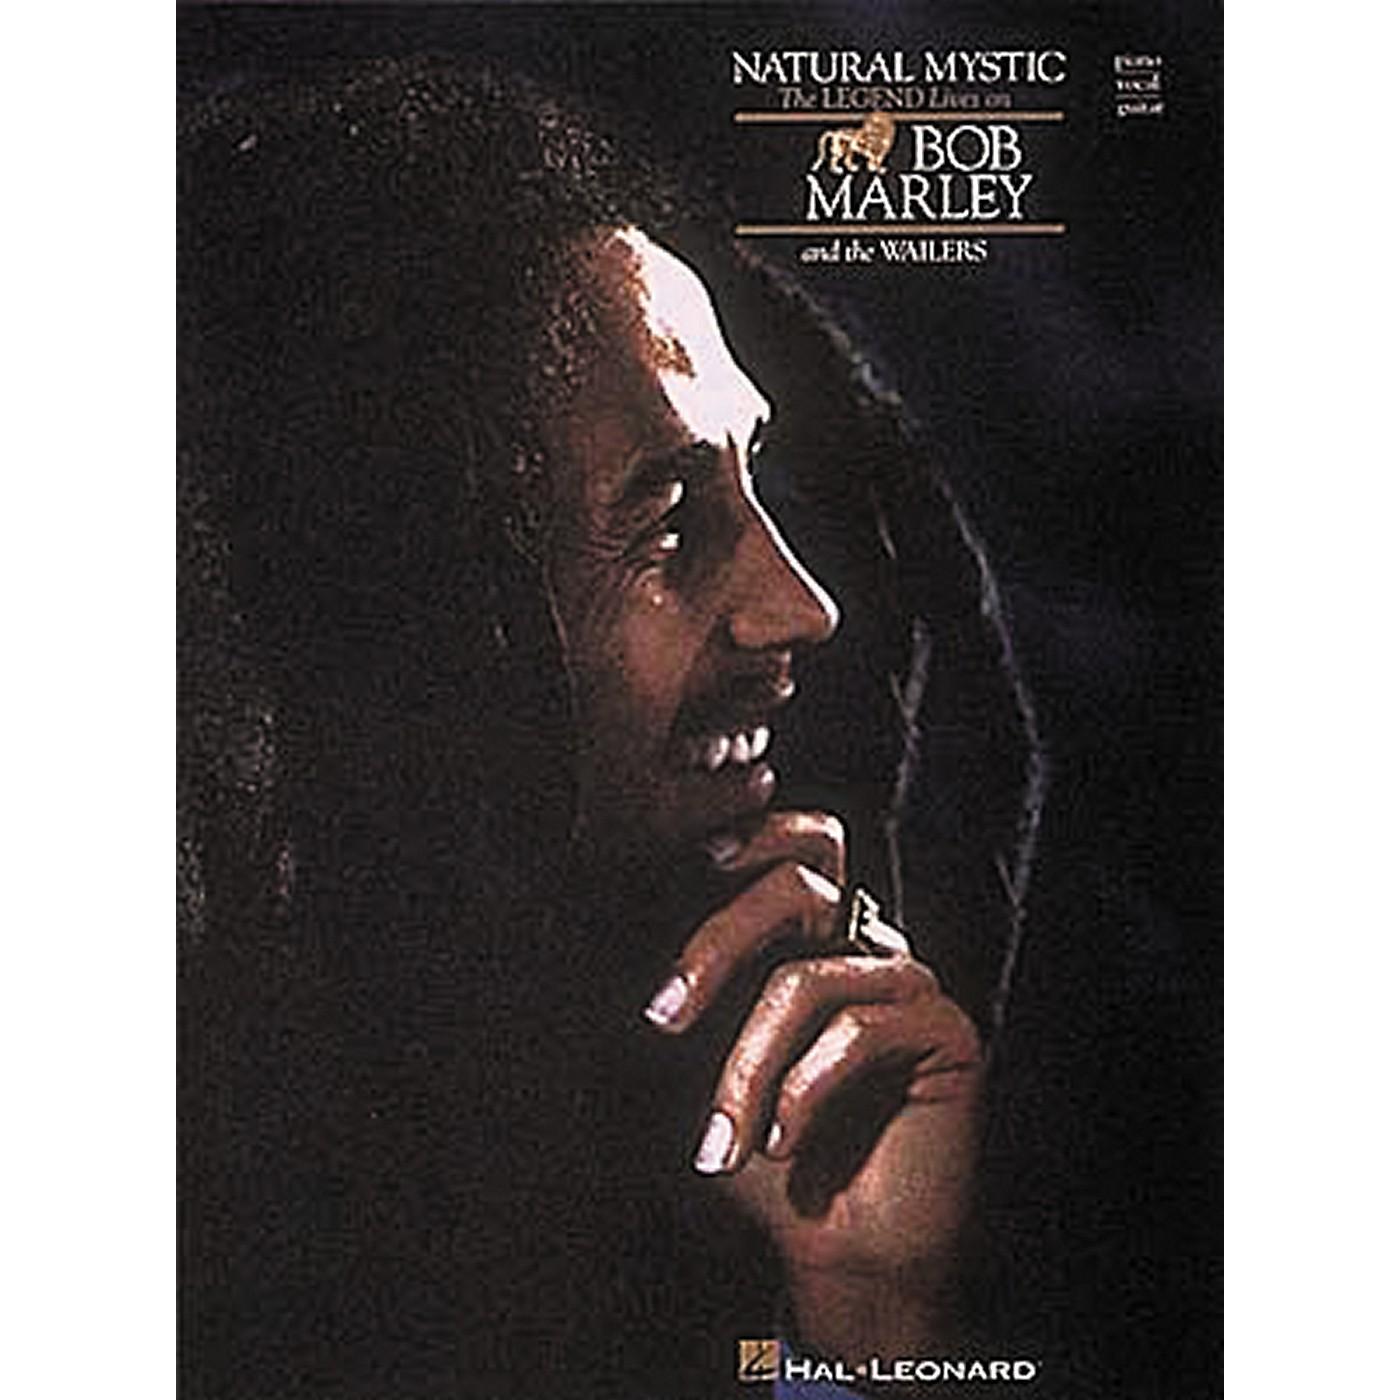 Hal Leonard Bob Marley - Natural Mystic Piano, Vocal, Guitar Songbook thumbnail